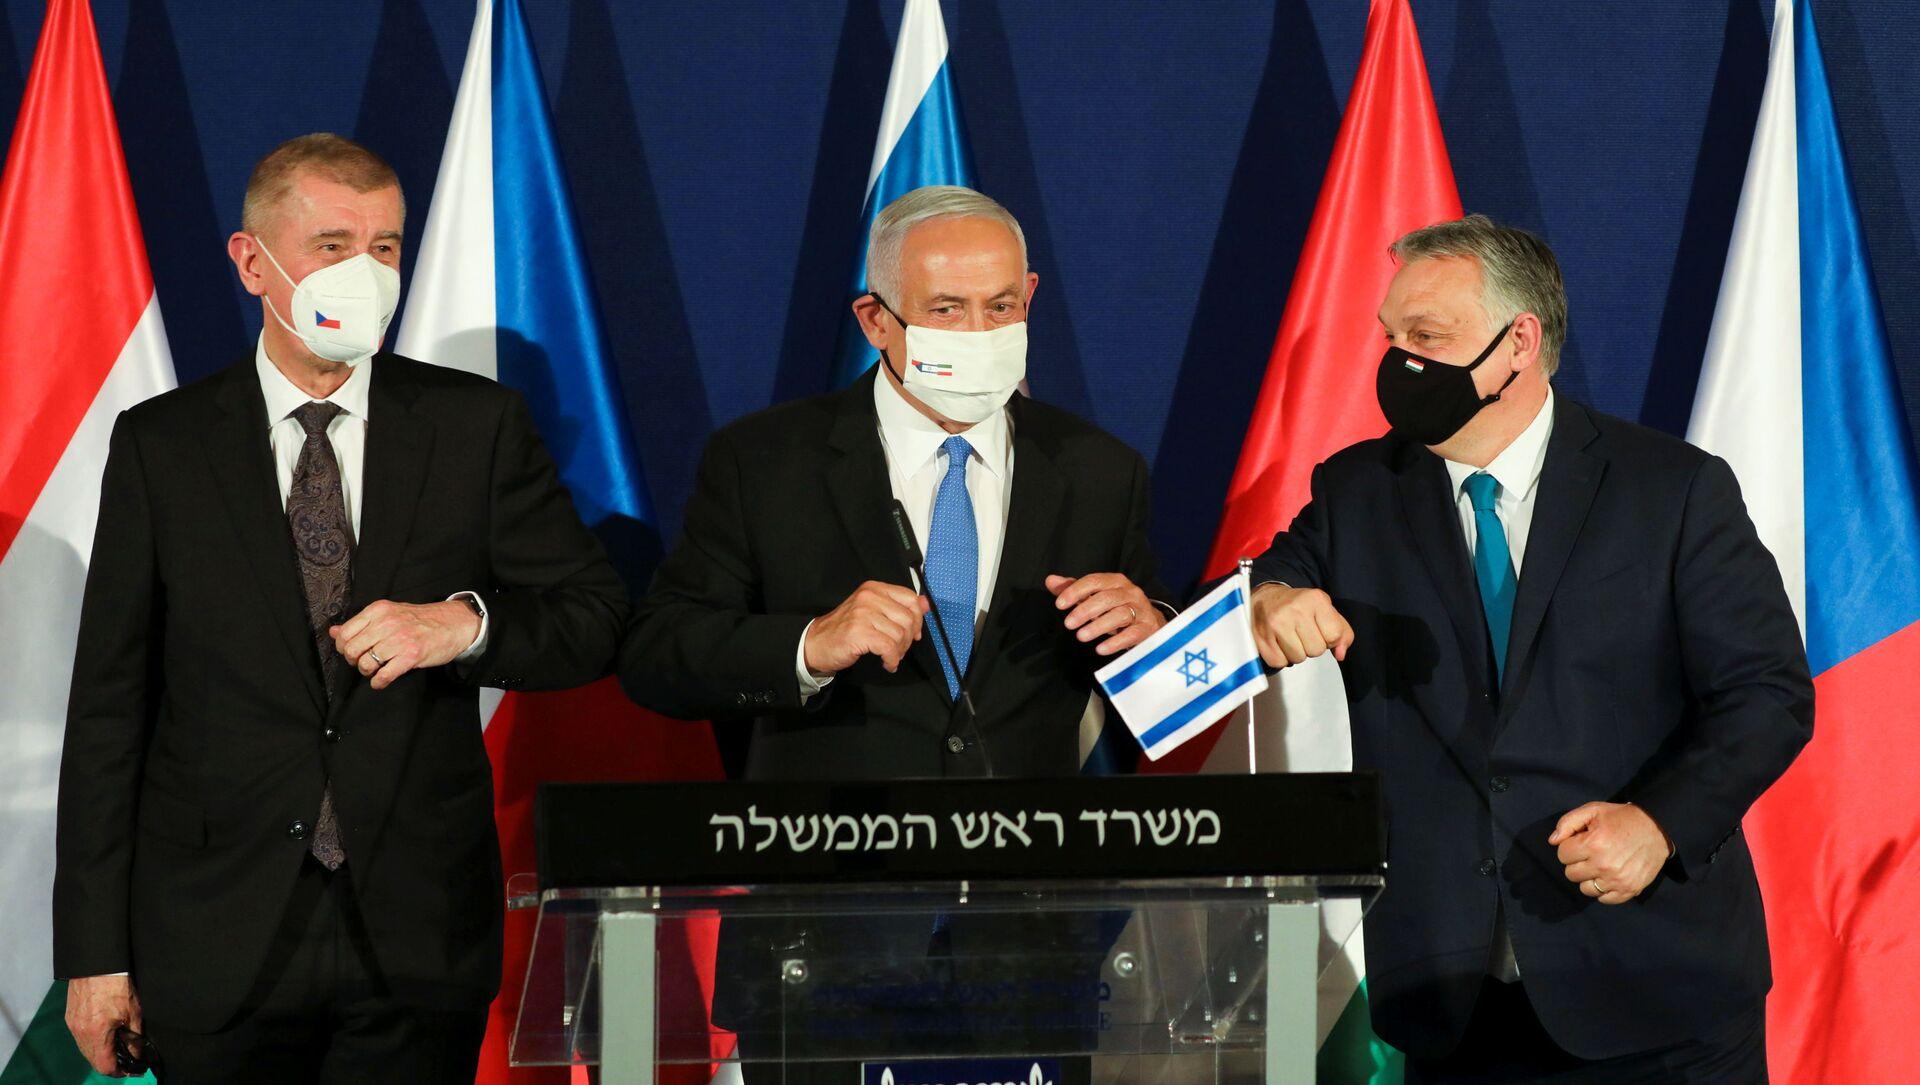 Izraelský premiér Benjamin Netanjahu, maďarský premiér Viktor Orbán a český premiér Andrej Babiš během schůzky v Jeruzalémě - Sputnik Česká republika, 1920, 12.03.2021